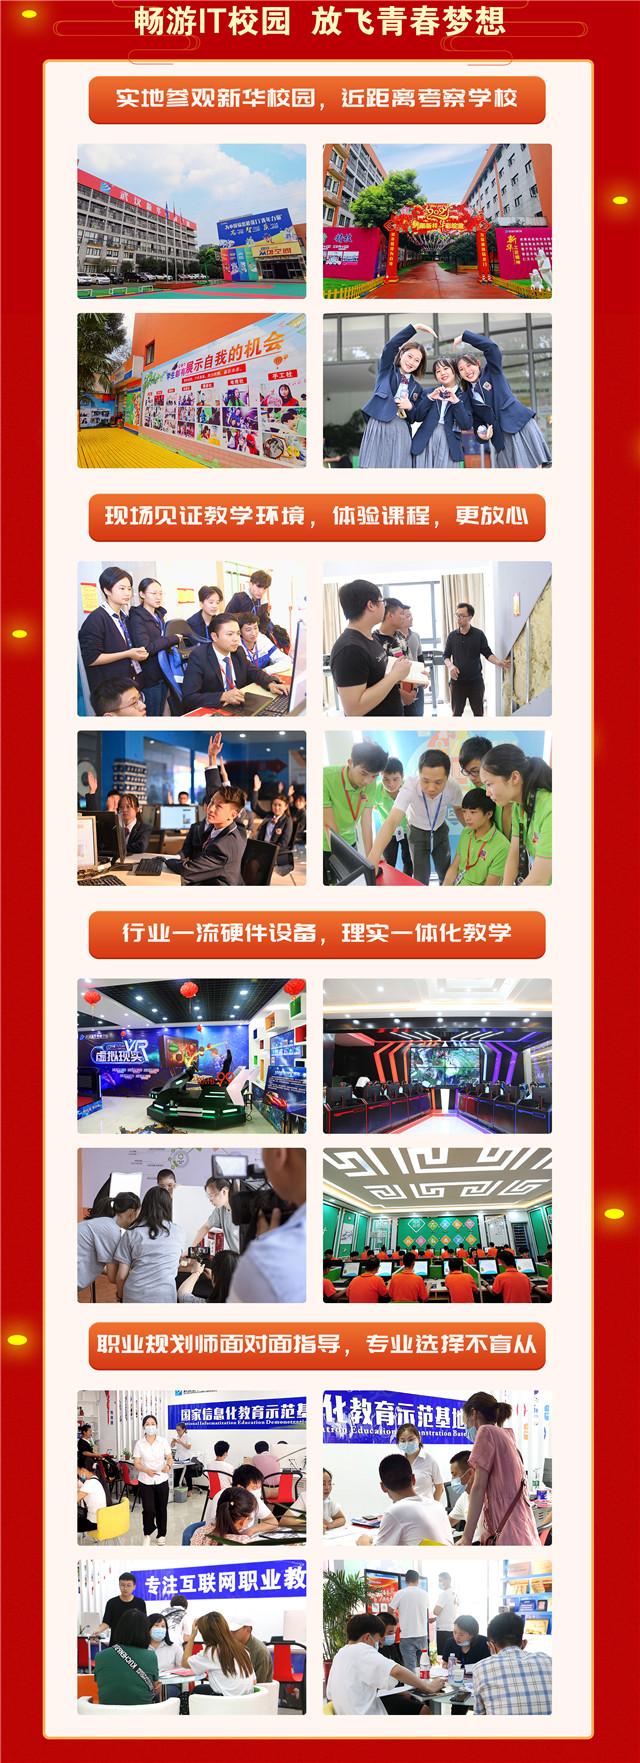 微信图片_202109280910134_副本.jpg